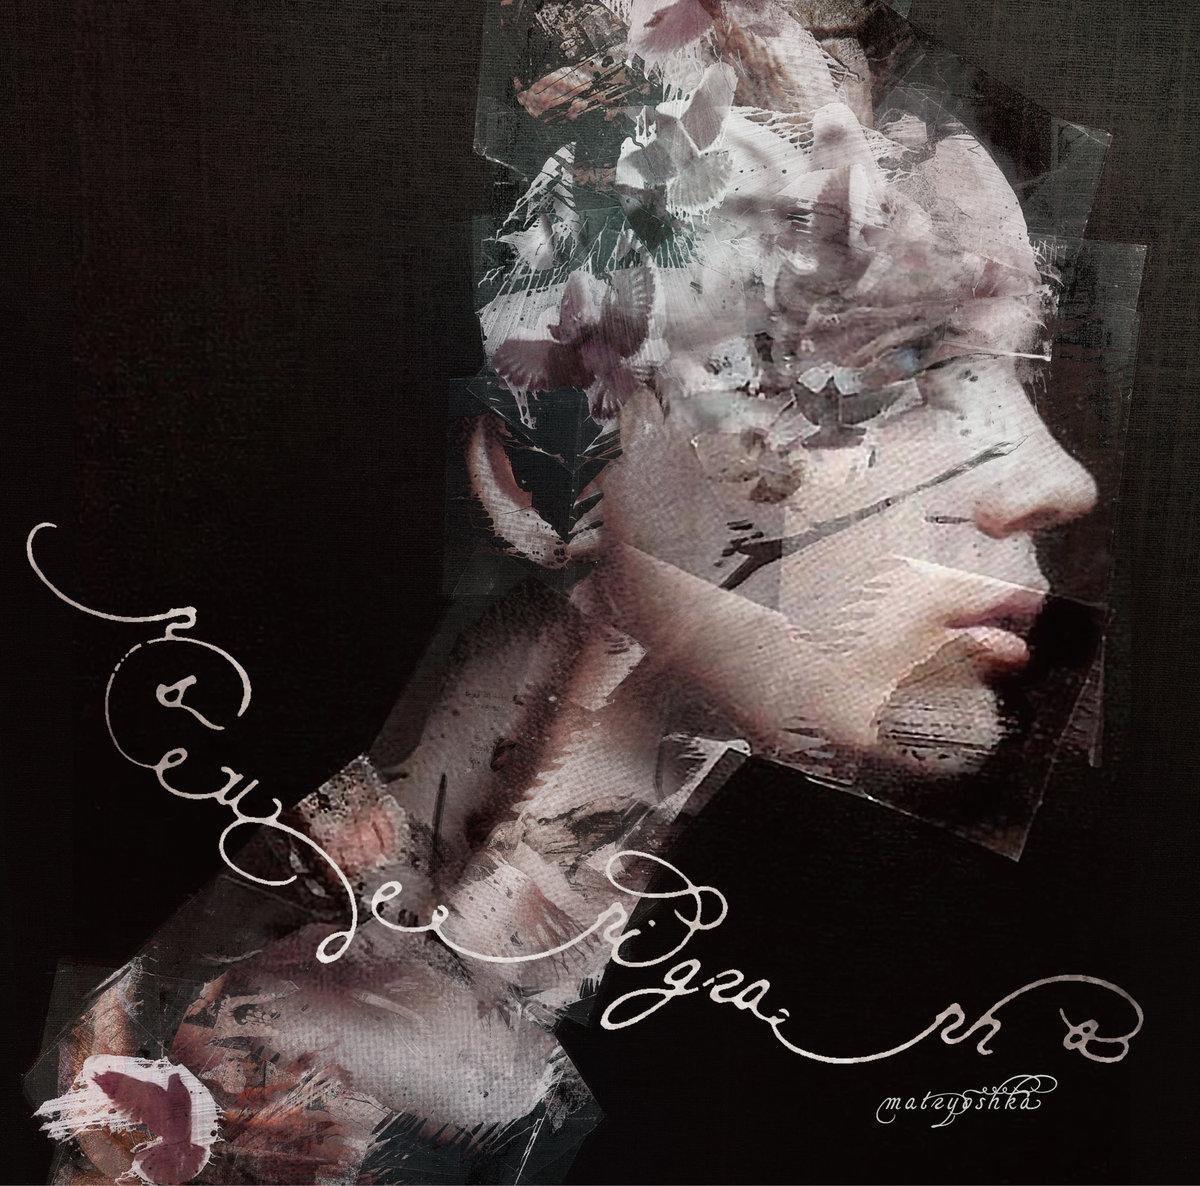 matryoshka 傑作2nd「Laideronnette」のリミックスアルバム。